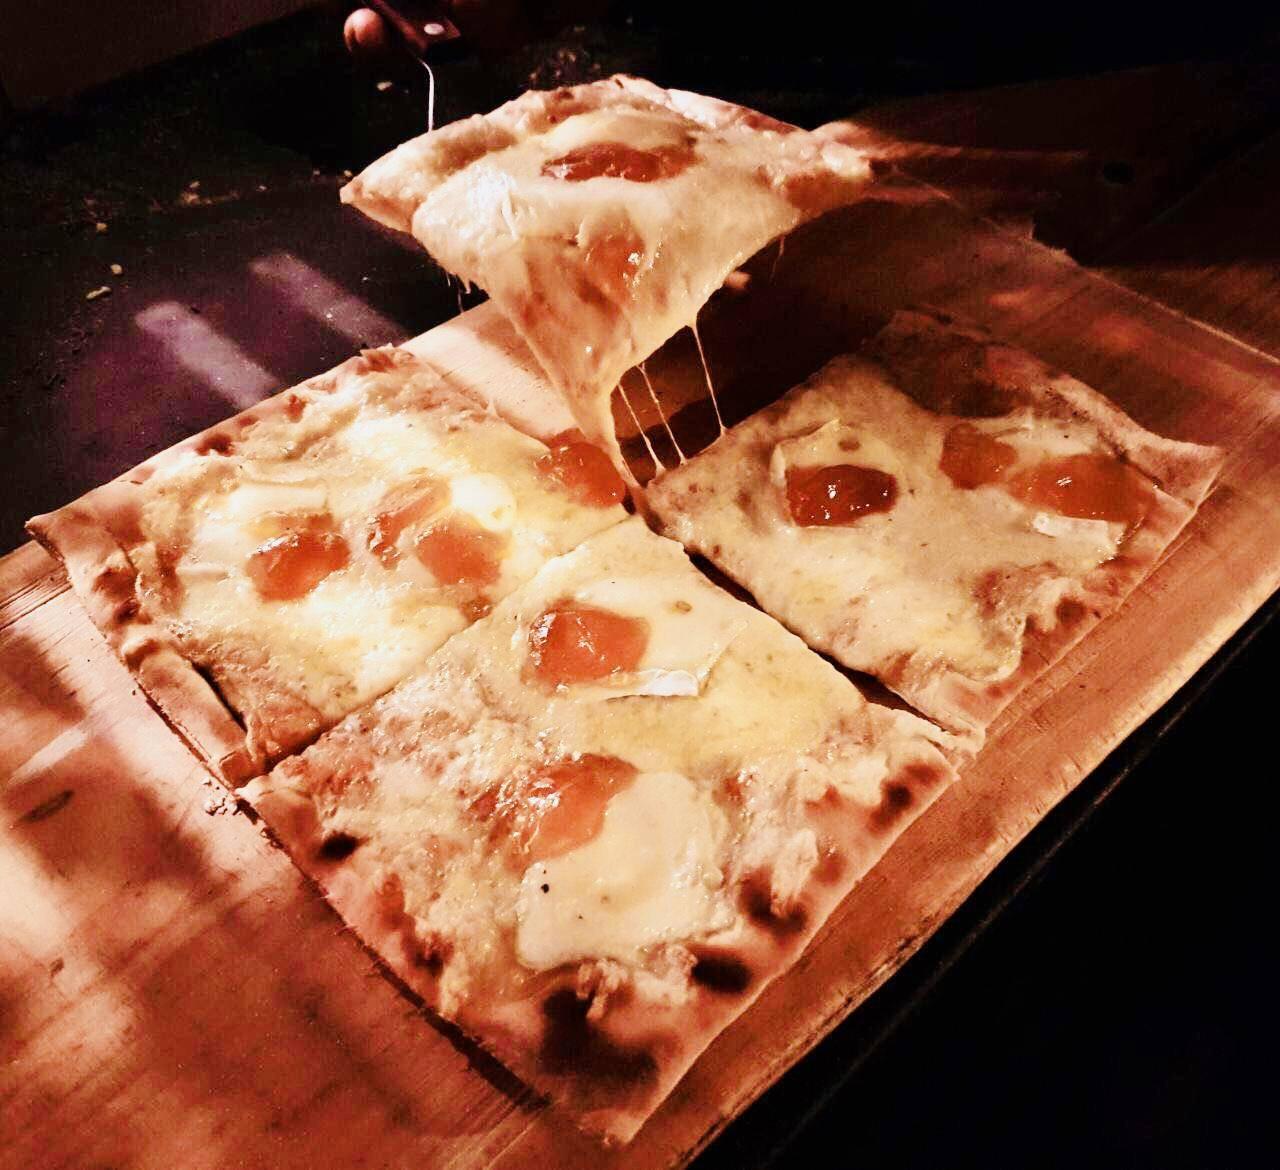 www.juicysantos.com.br - pizza de queijo brie com damasco da graminha em santos